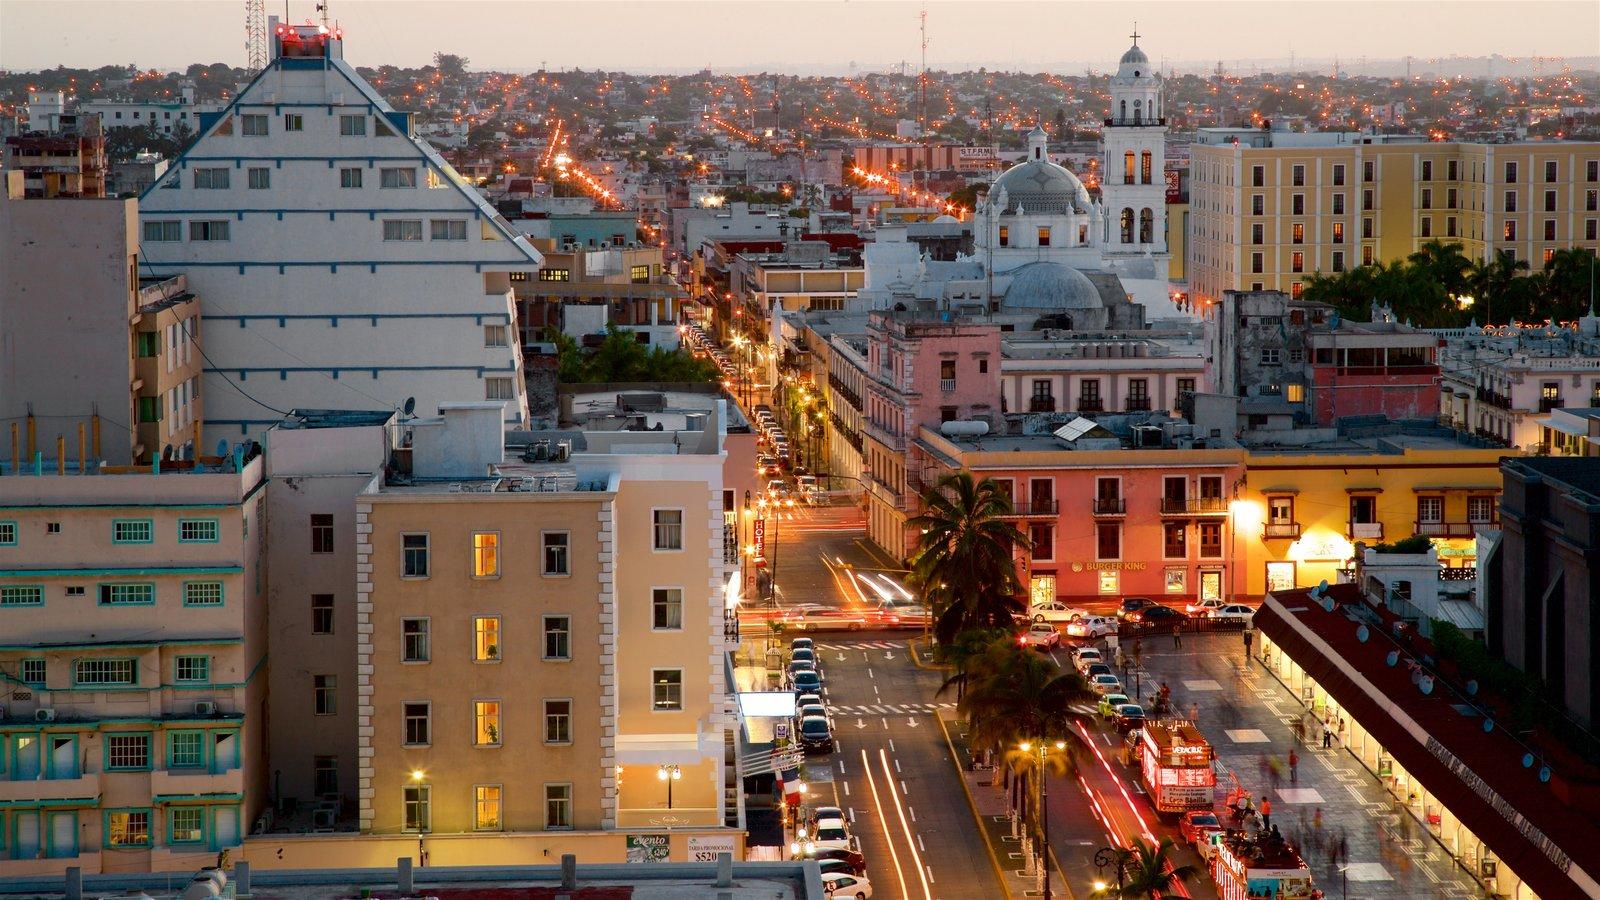 Veracruz que incluye vistas de paisajes, escenas nocturnas y una ciudad